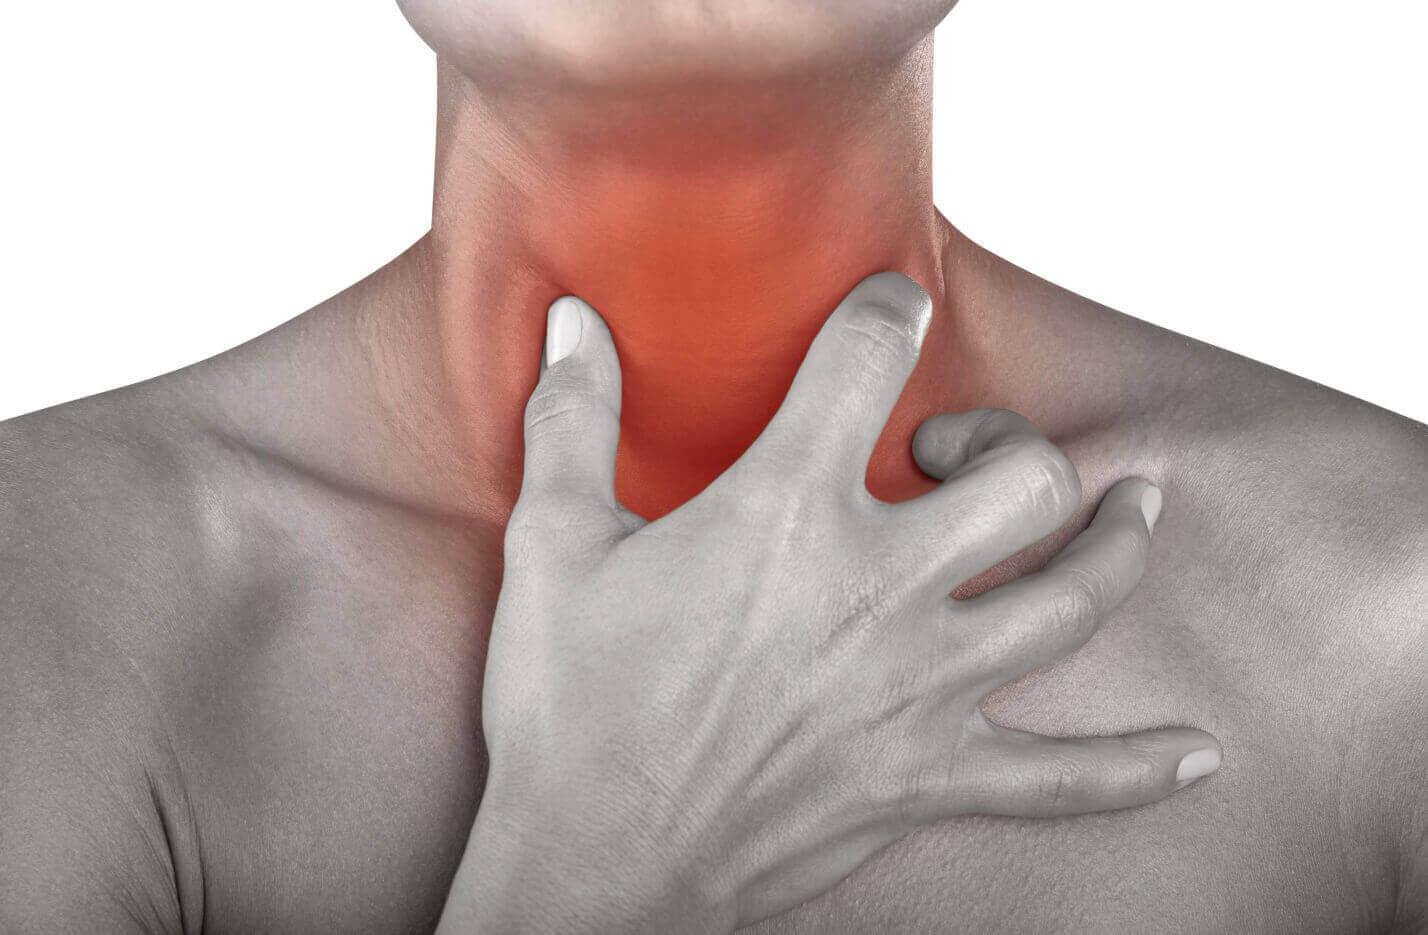 Чем лечить ожог слизистой оболочки полости рта от аммиака кипятка нашатырного спирта и химических веществ